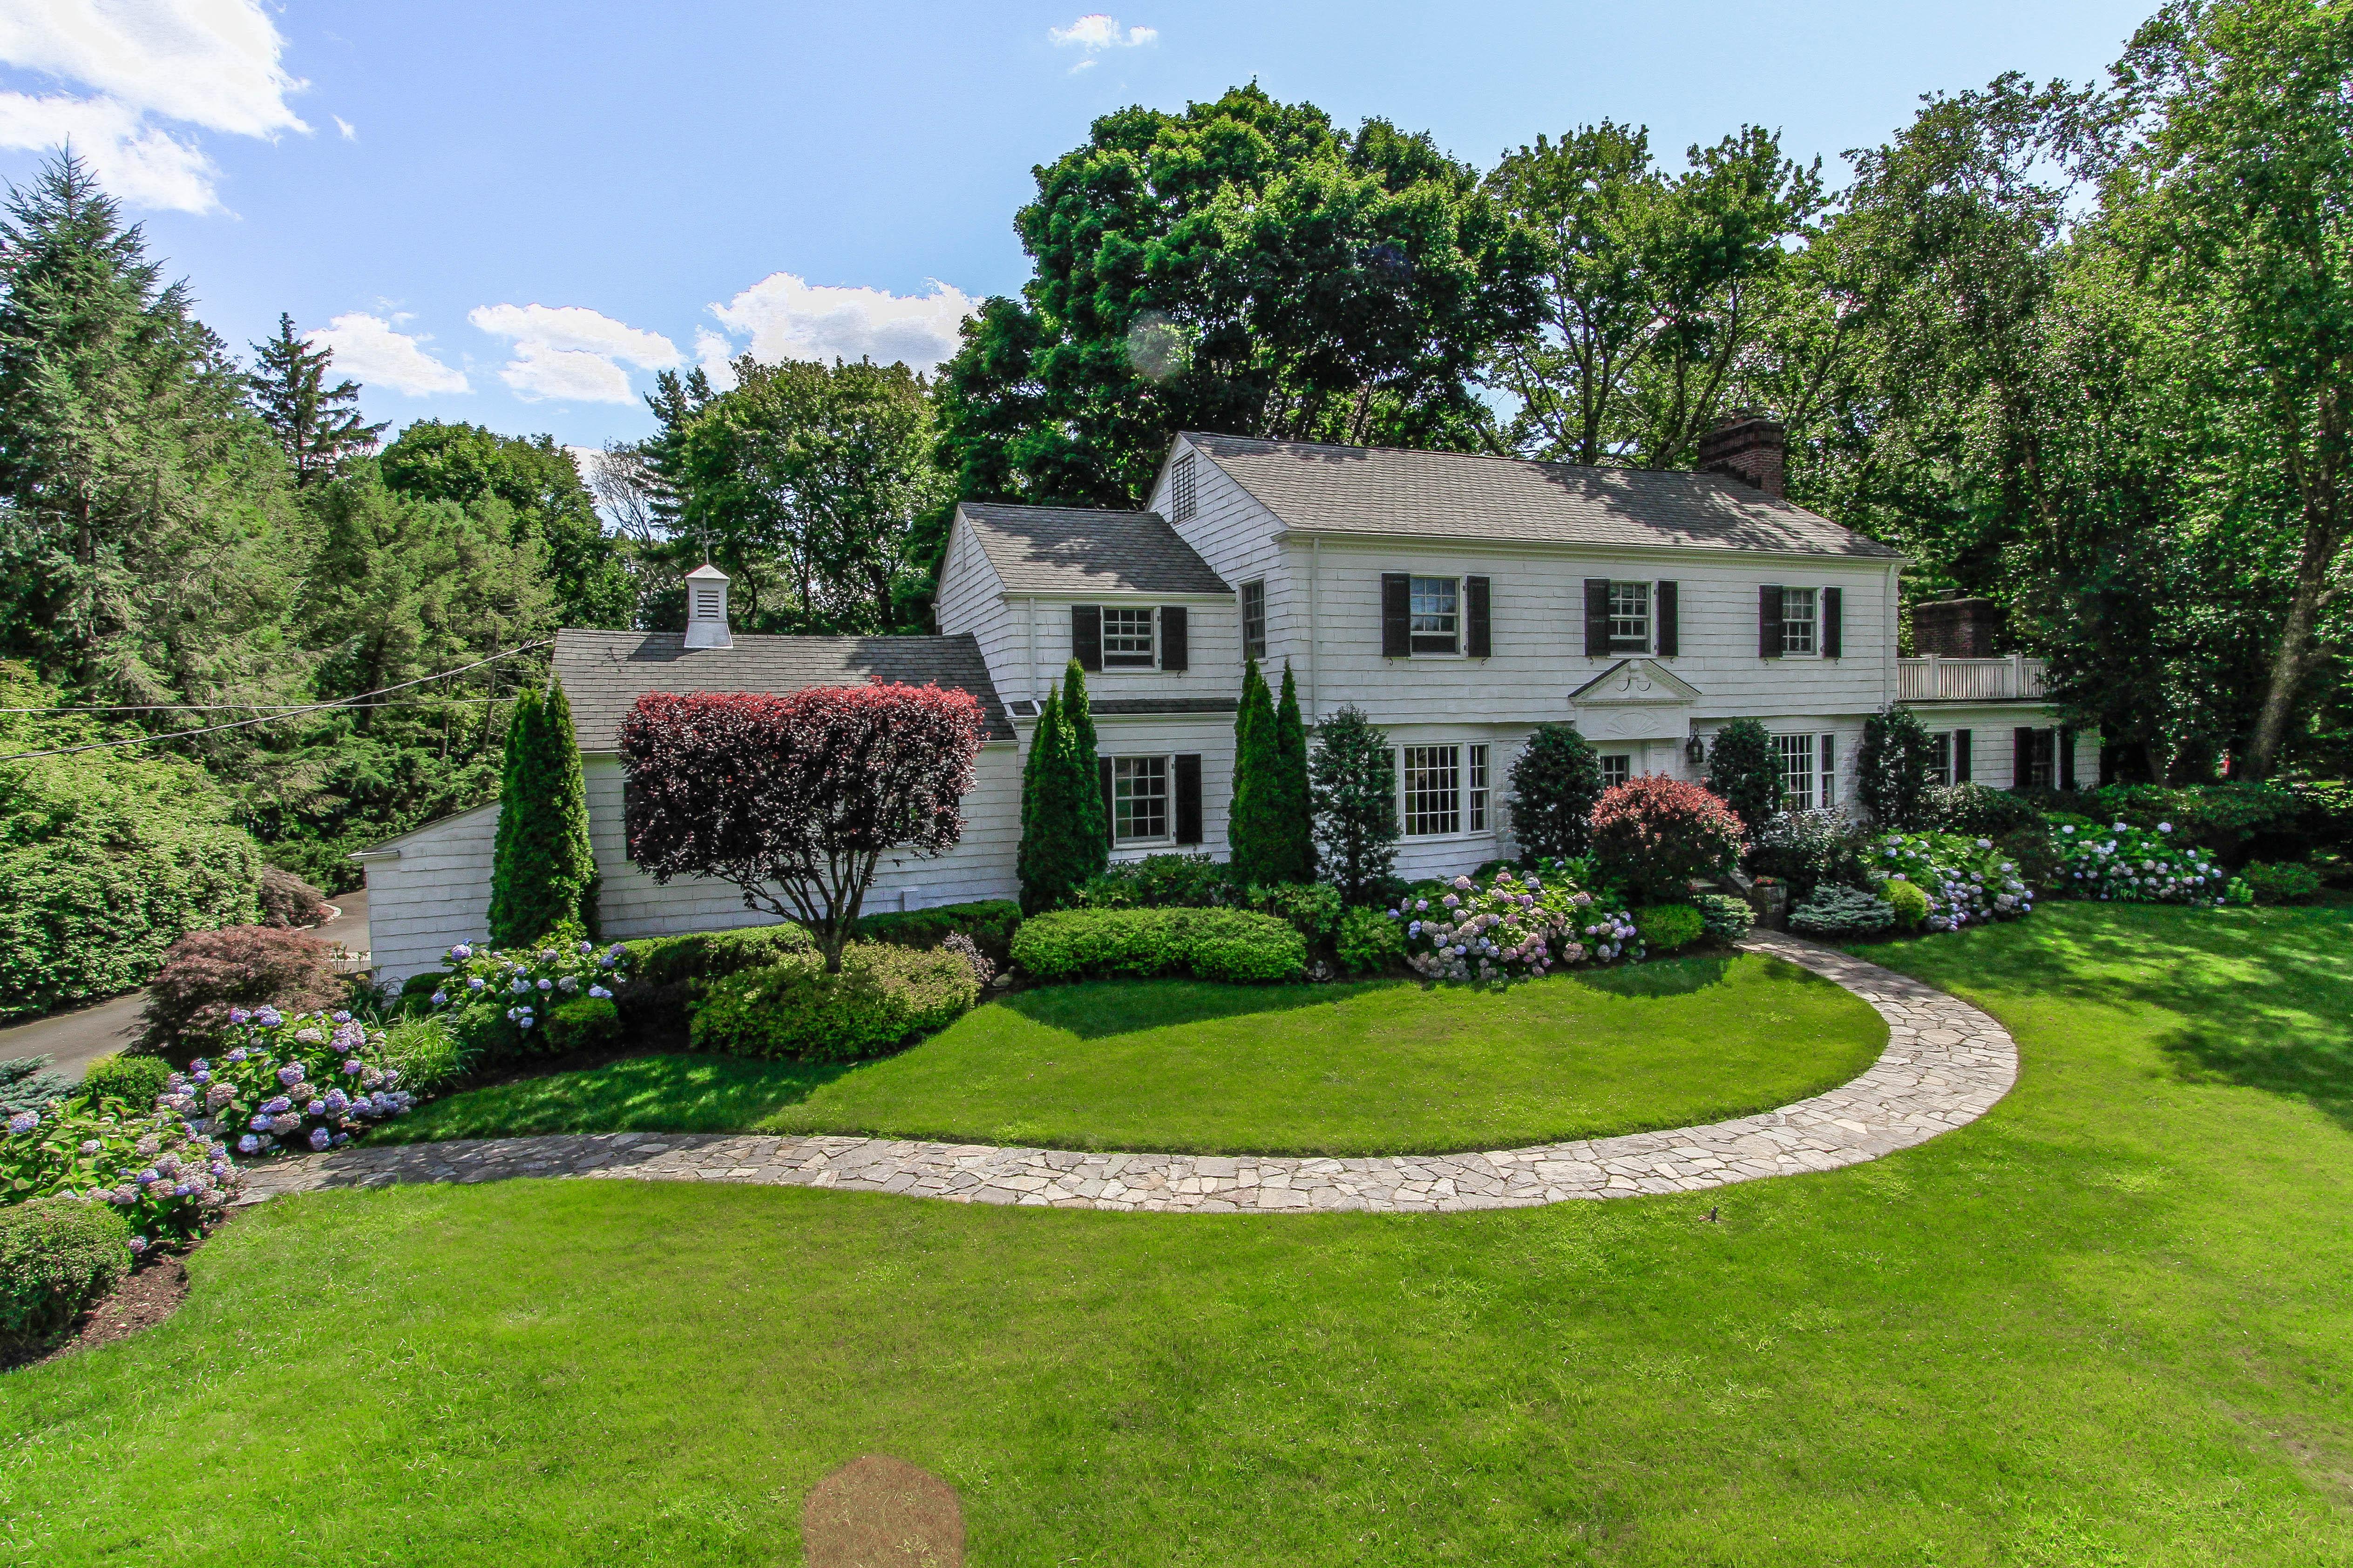 独户住宅 为 销售 在 134 Haviland Road 哈里森, 纽约州, 10528 美国